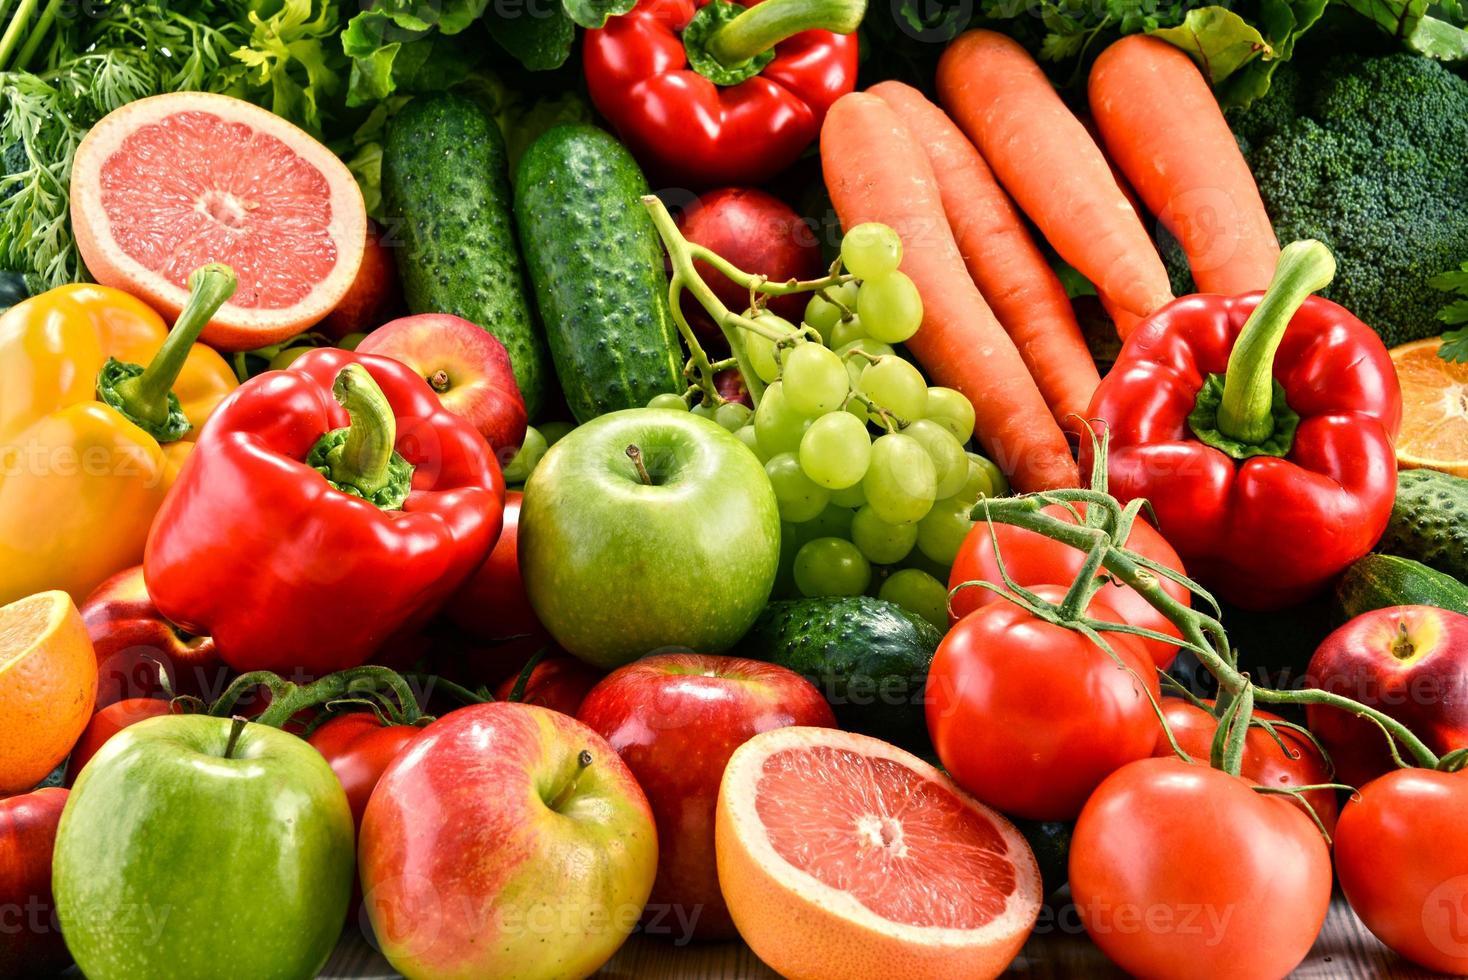 composição com uma variedade de frutas e vegetais orgânicos foto